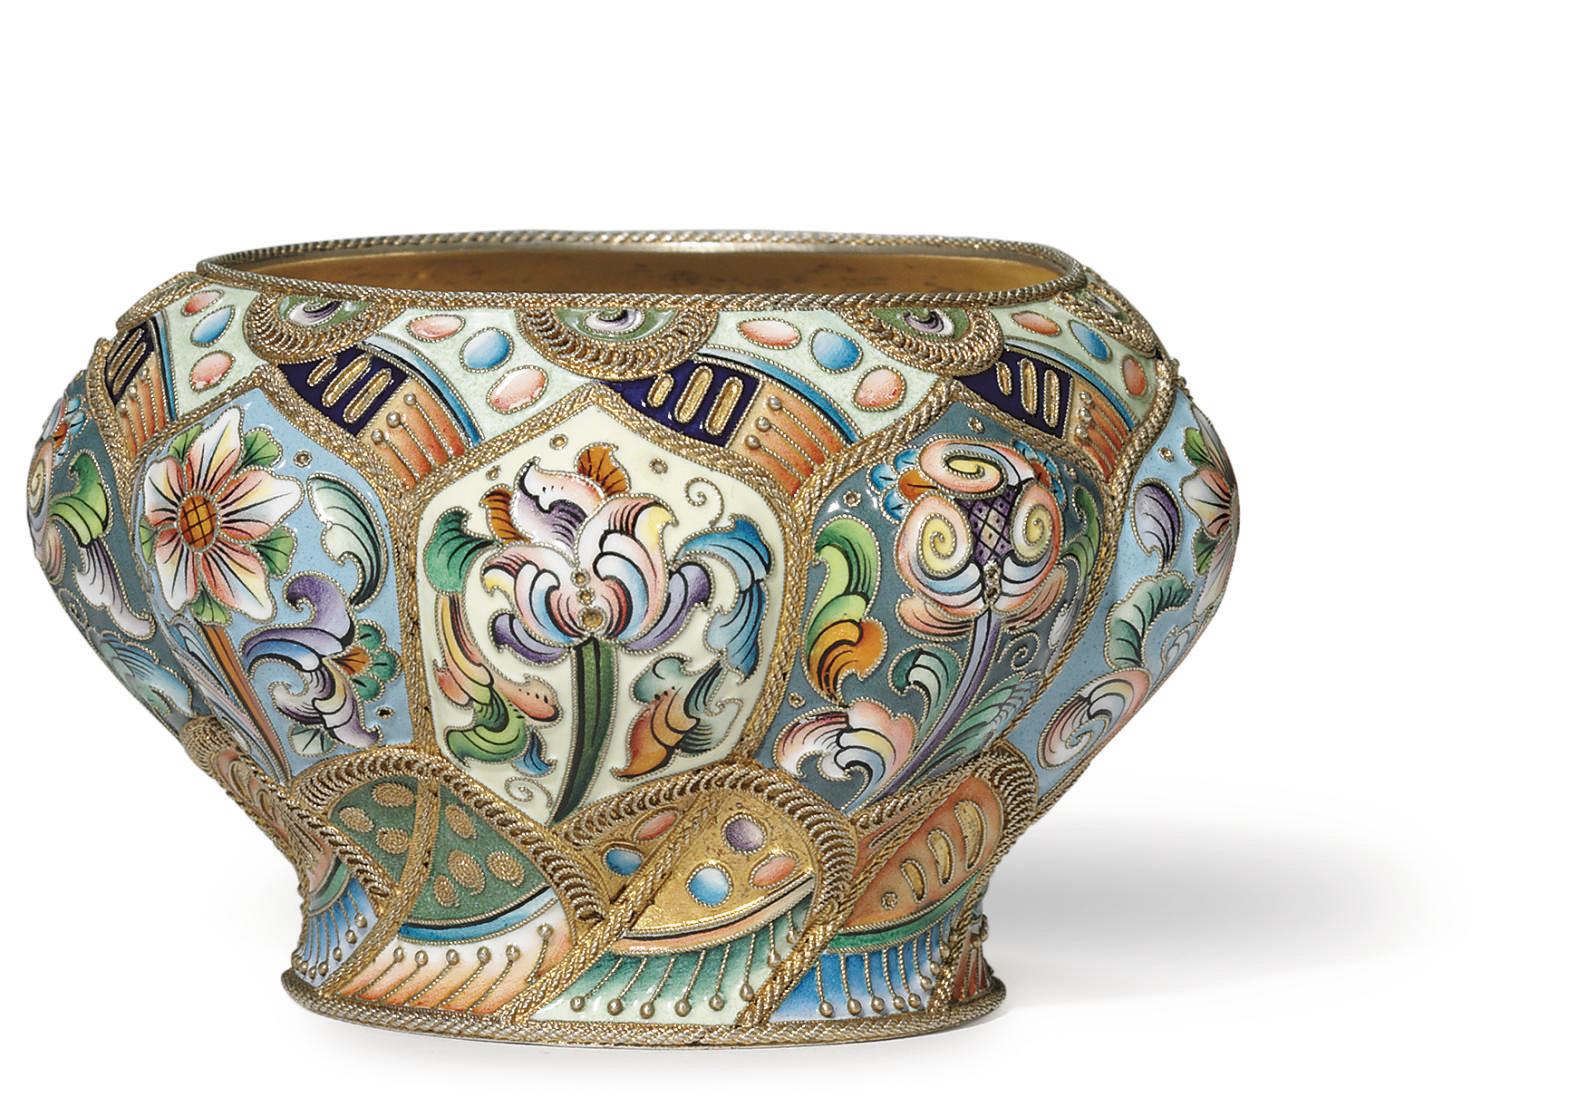 A Silver-Gilt and Cloisonné Enamel Bowl